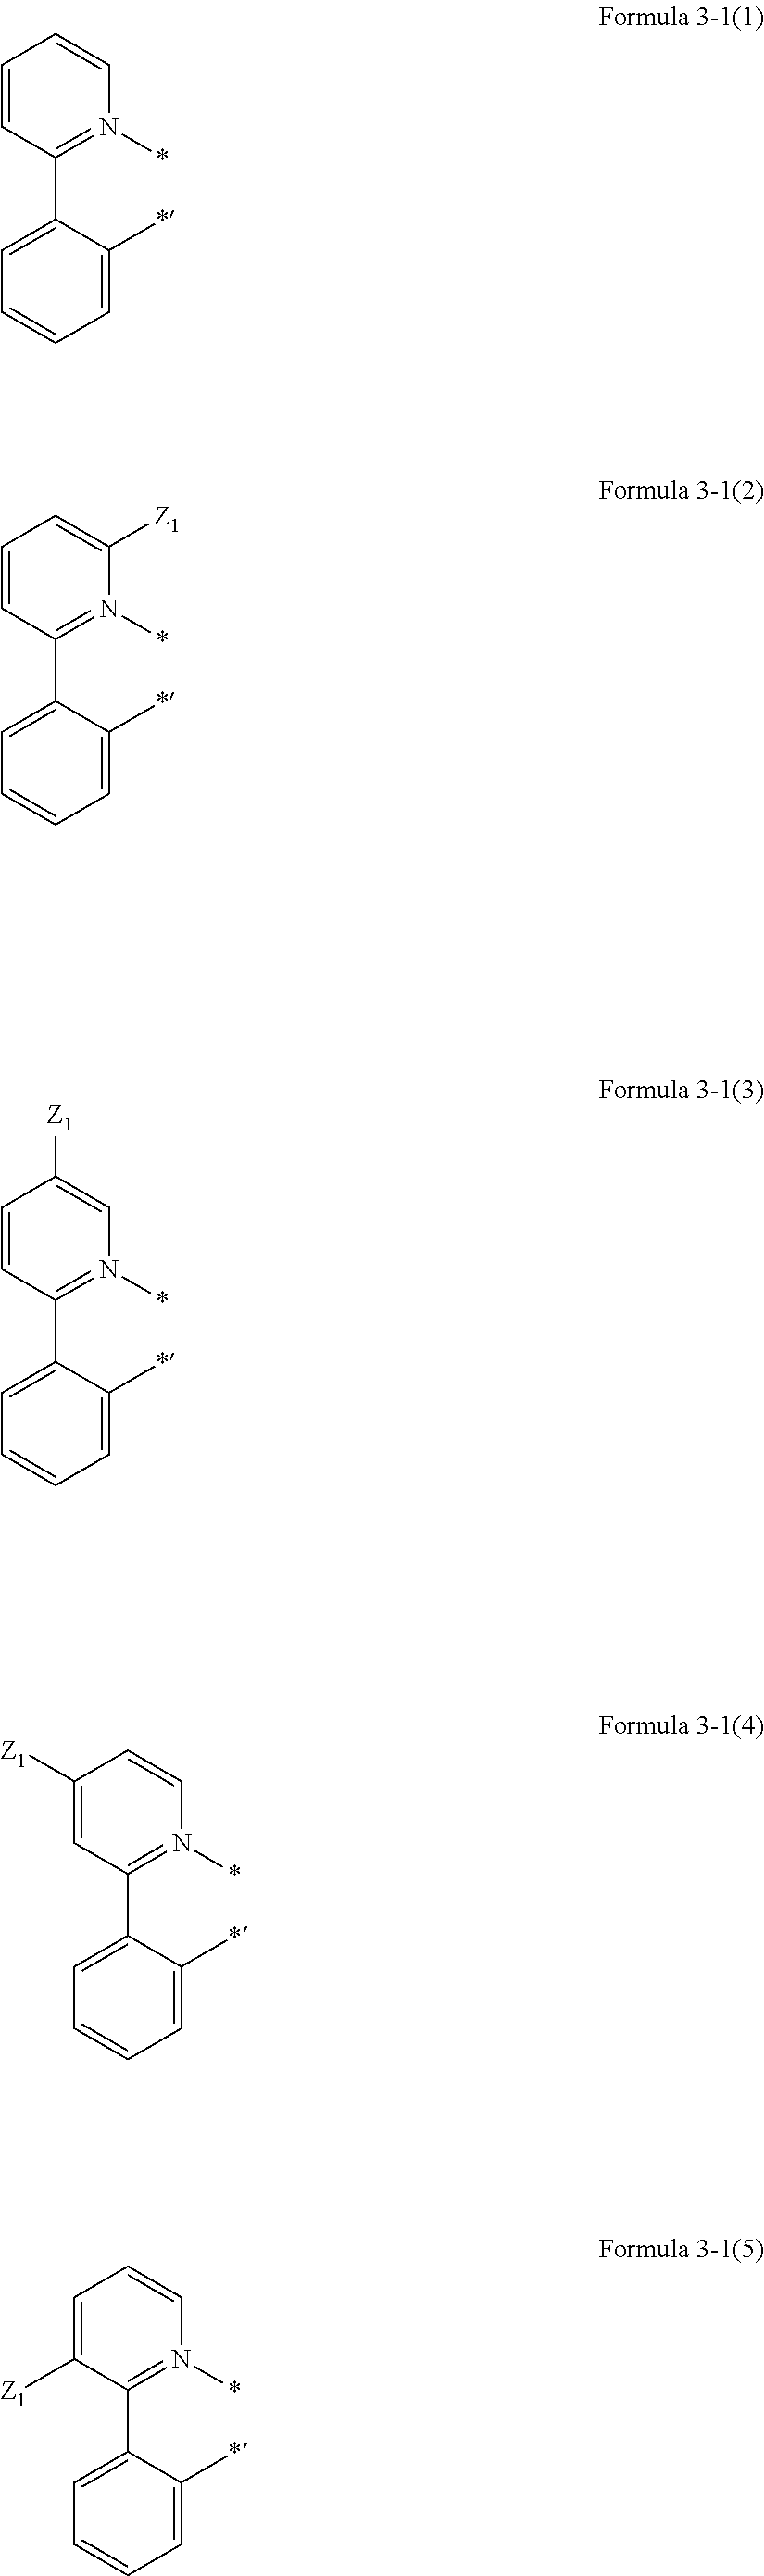 Figure US20160155962A1-20160602-C00047